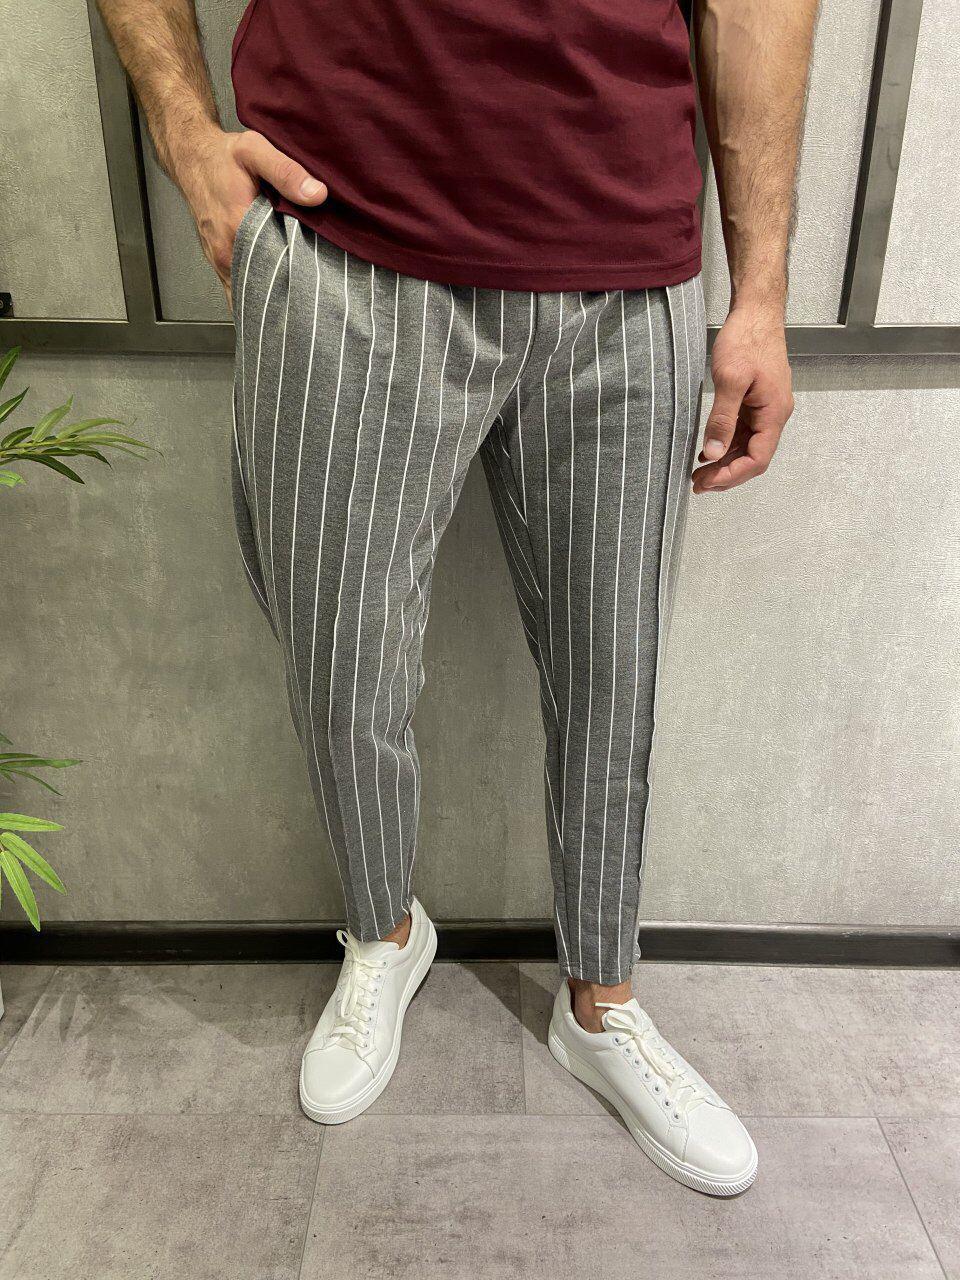 Чоловічі штани сірі в білу смужку